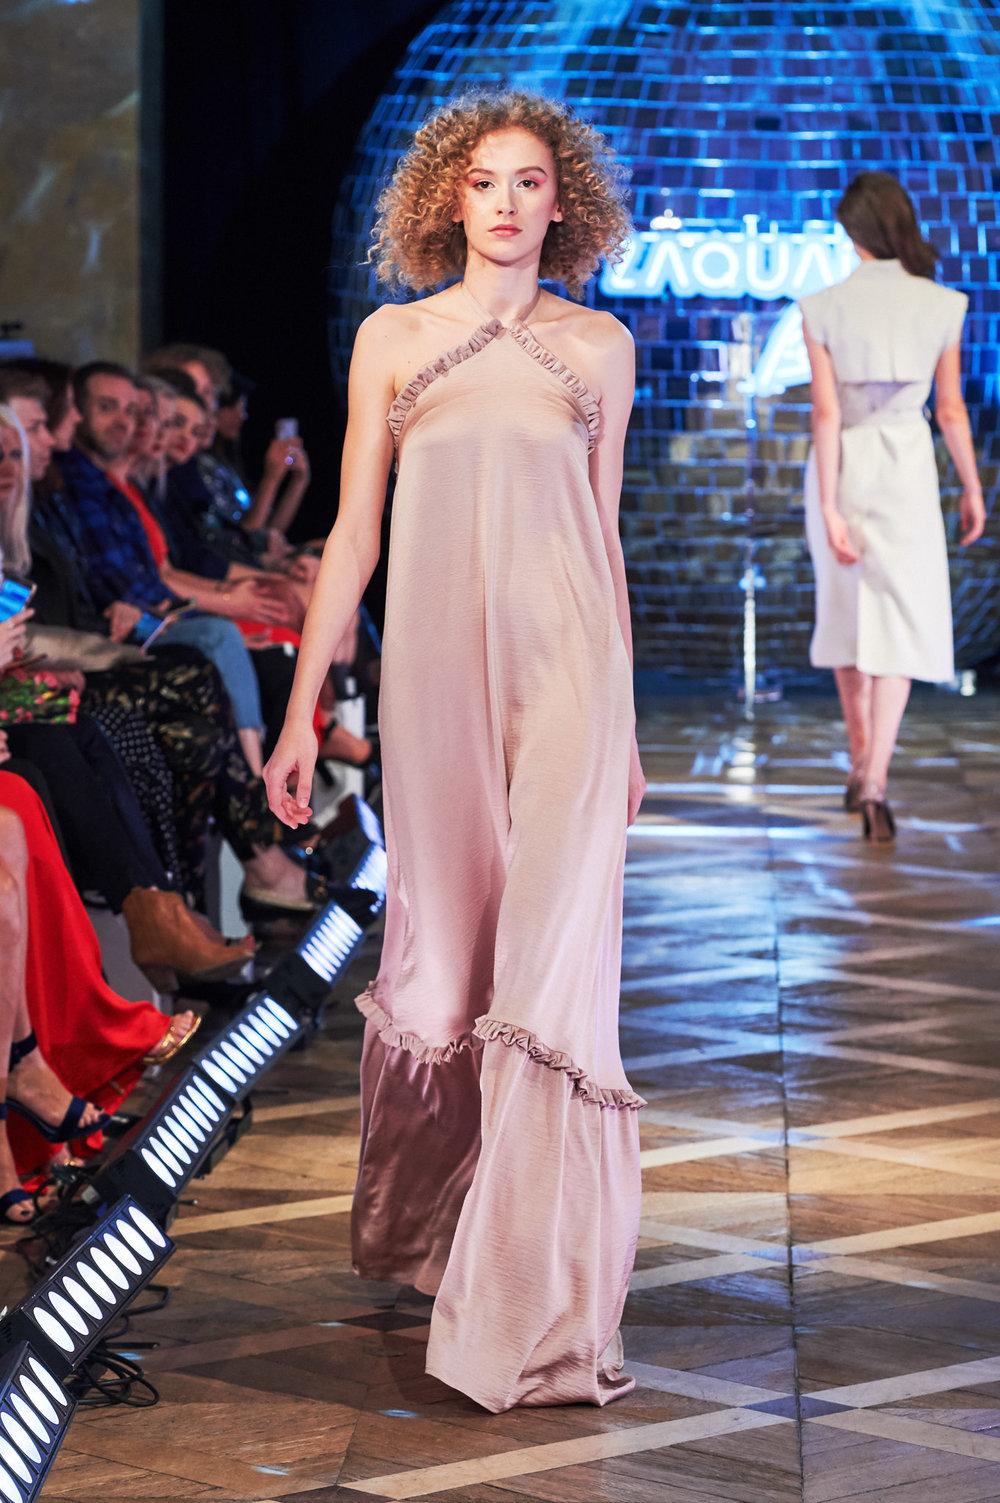 18_ZAQUAD_090519_lowres-fotFilipOkopny-FashionImages.jpg